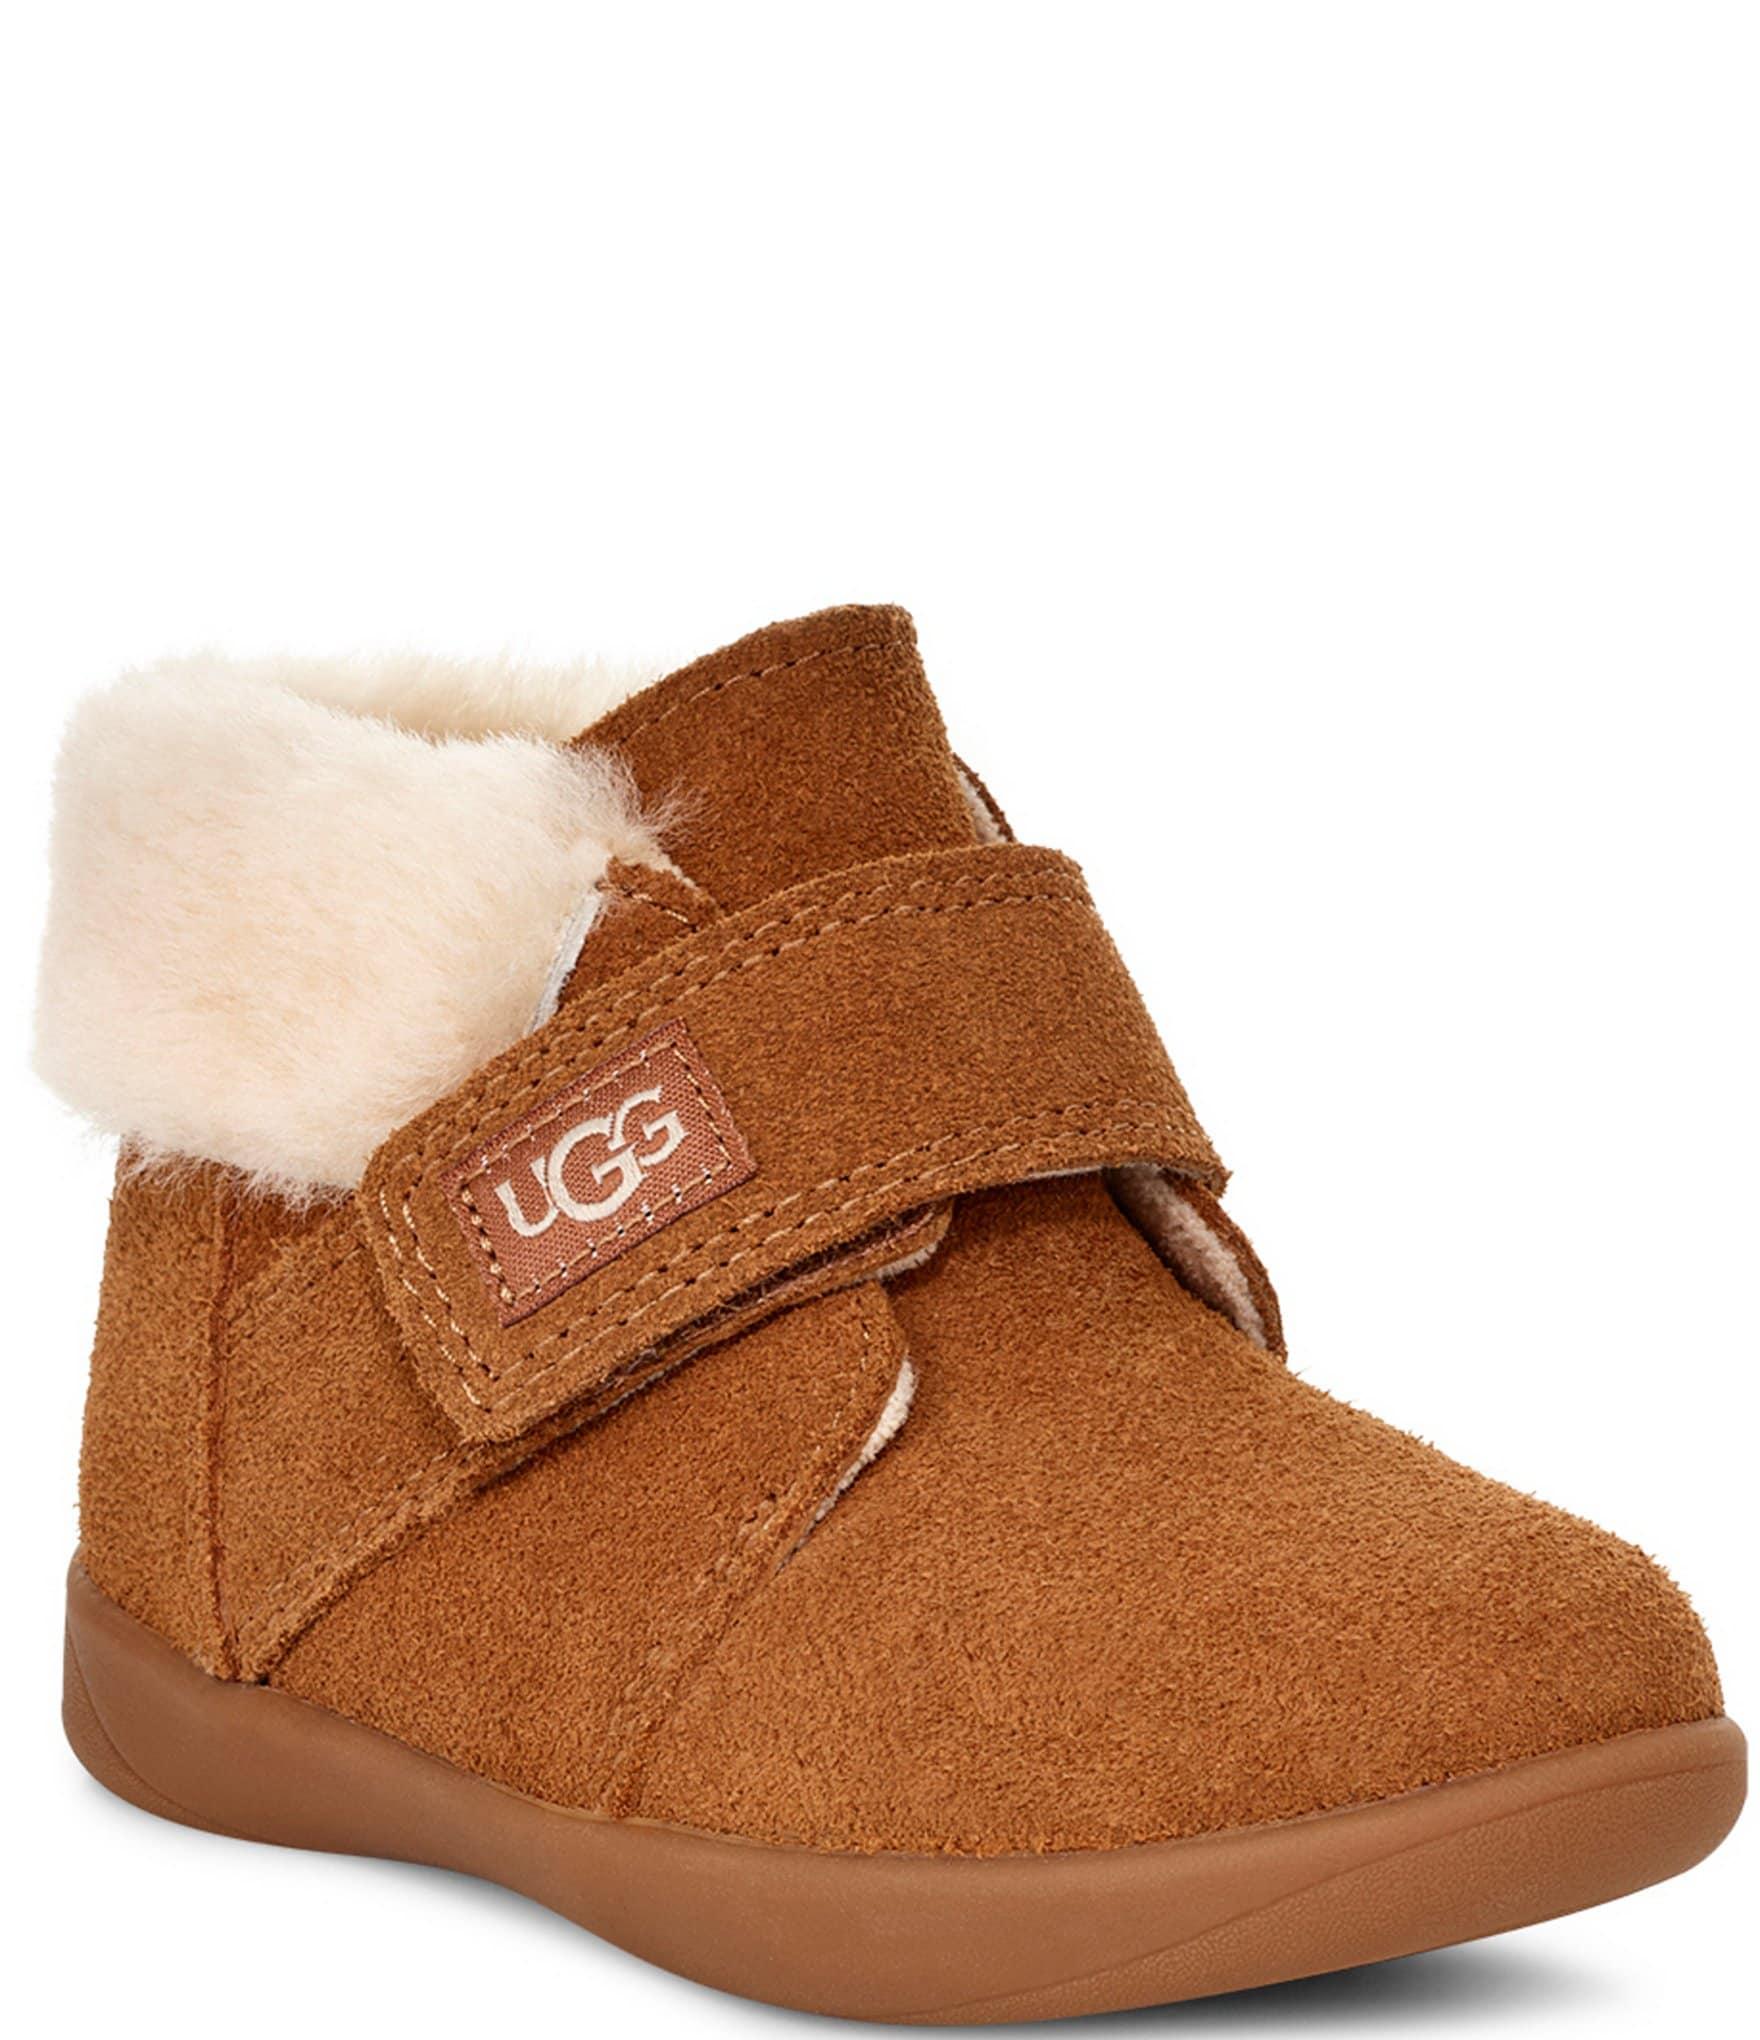 5ae554209ea UGG Kids' Nolen Boot